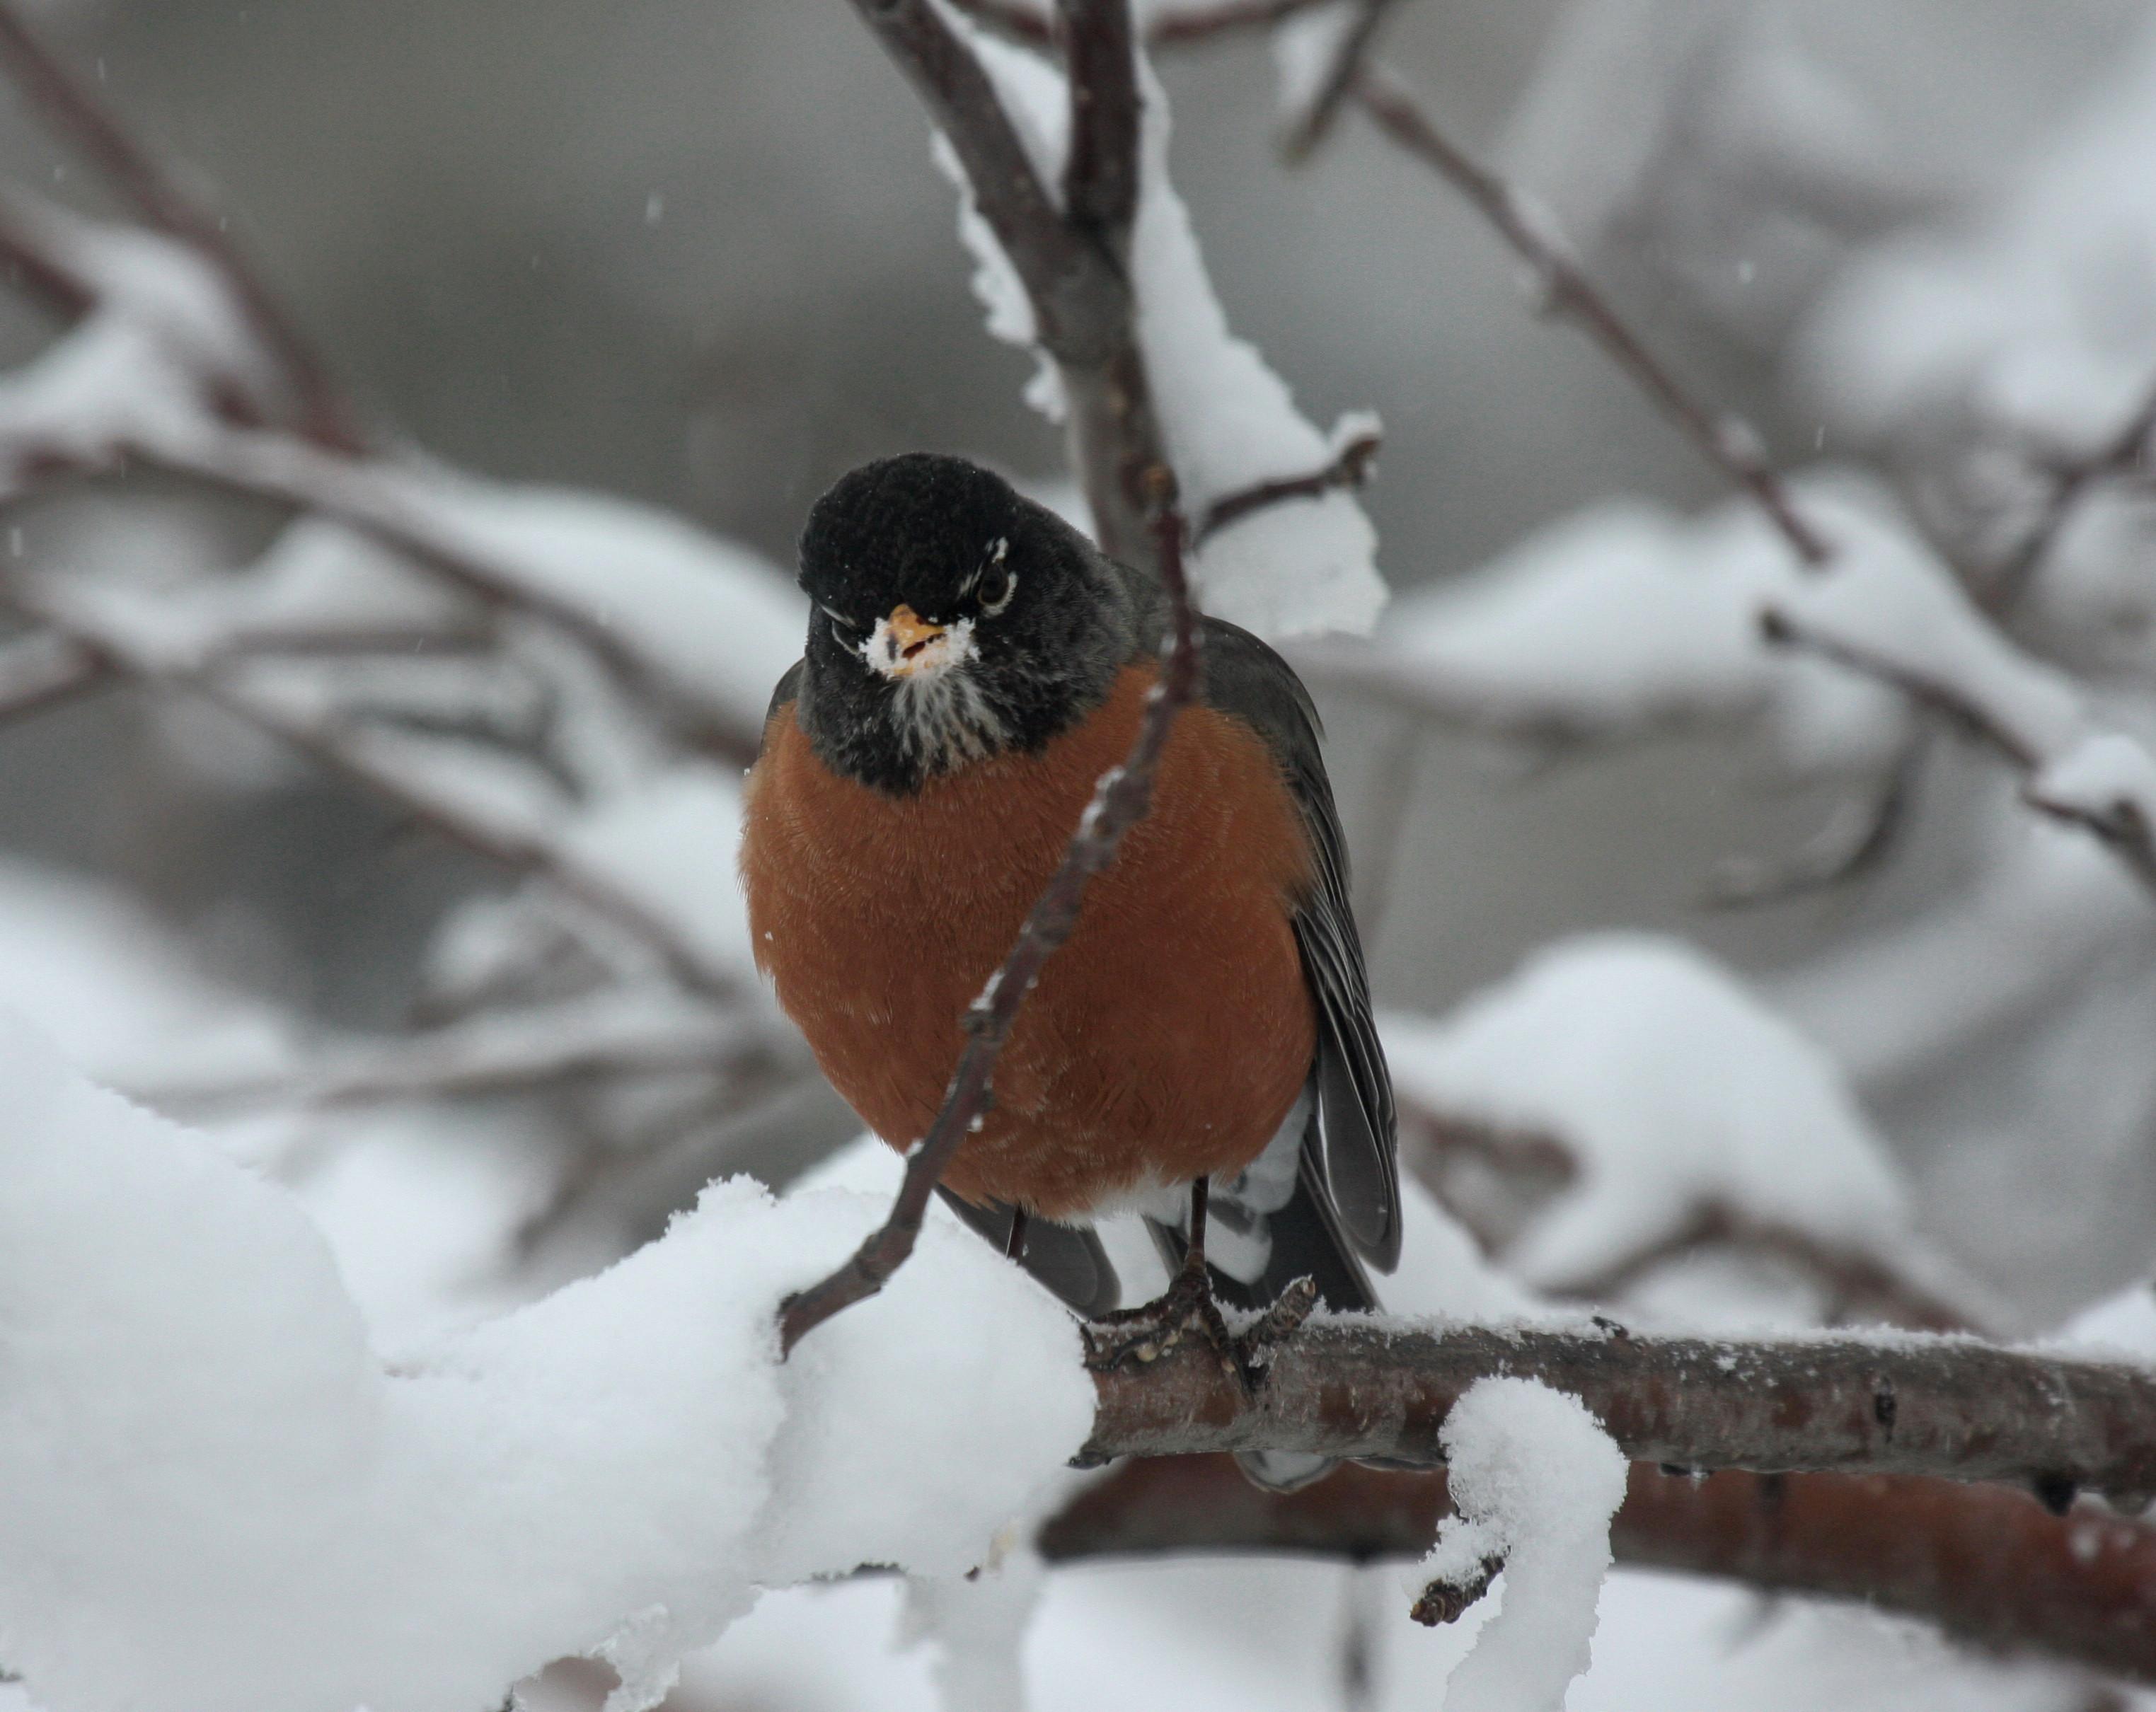 http://www.birdscalgary.com/tag/american-robin/